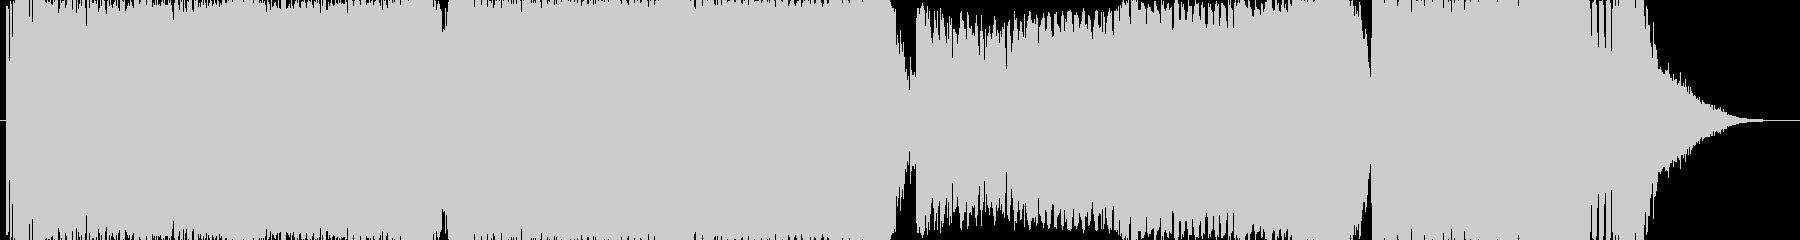 近未来感・疾走感のあるBGM/音ゲー等2の未再生の波形